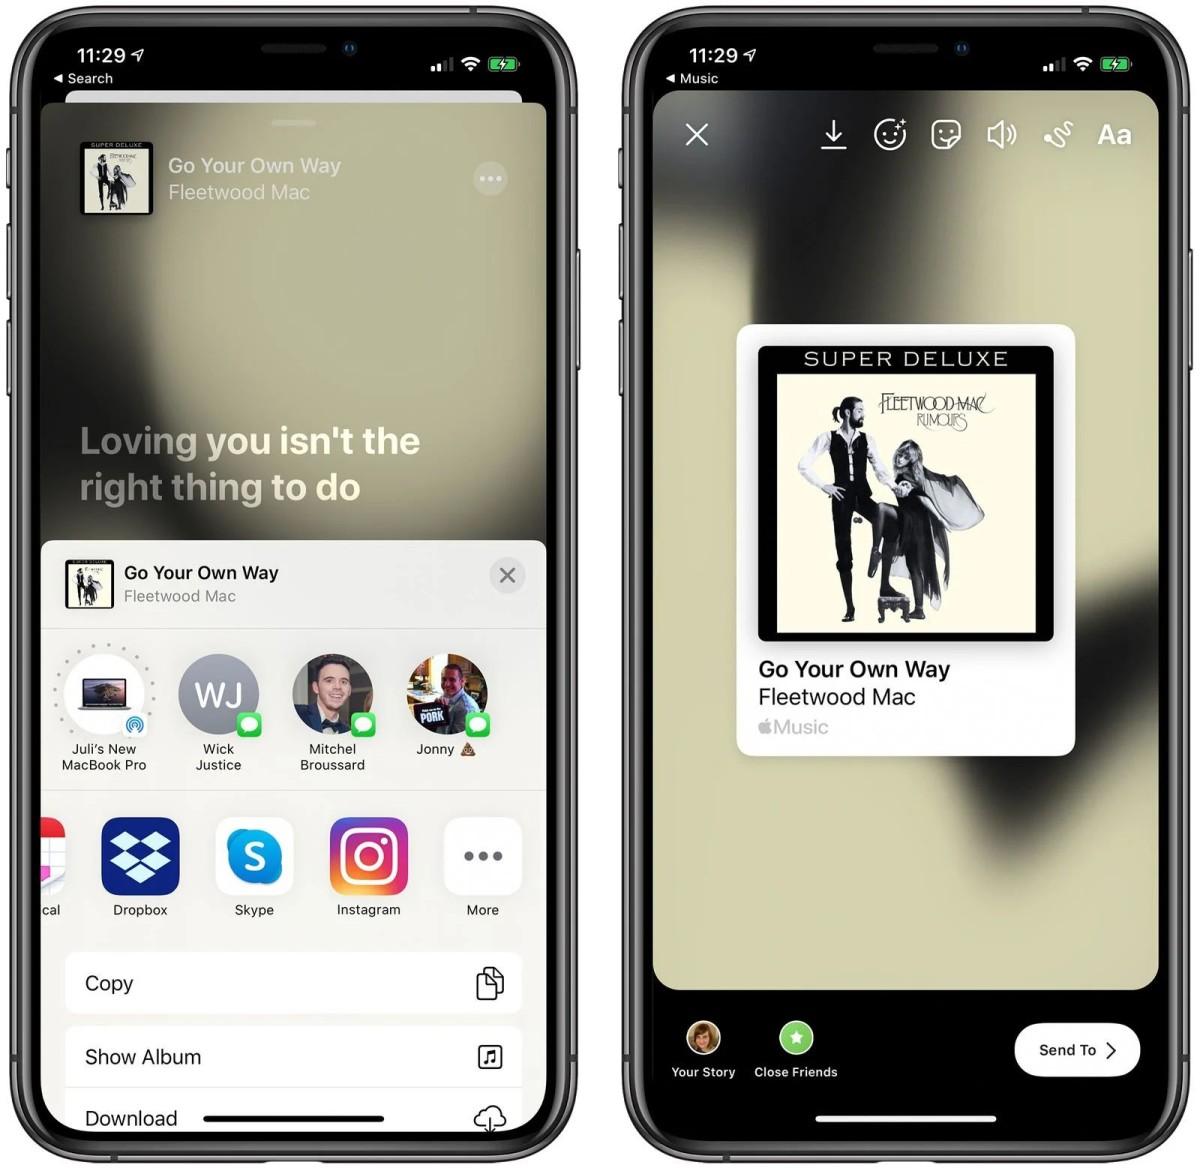 升級後可以以 Facebook 和 Instagram 限時動態來分享 Apple Music 的歌曲和專輯。